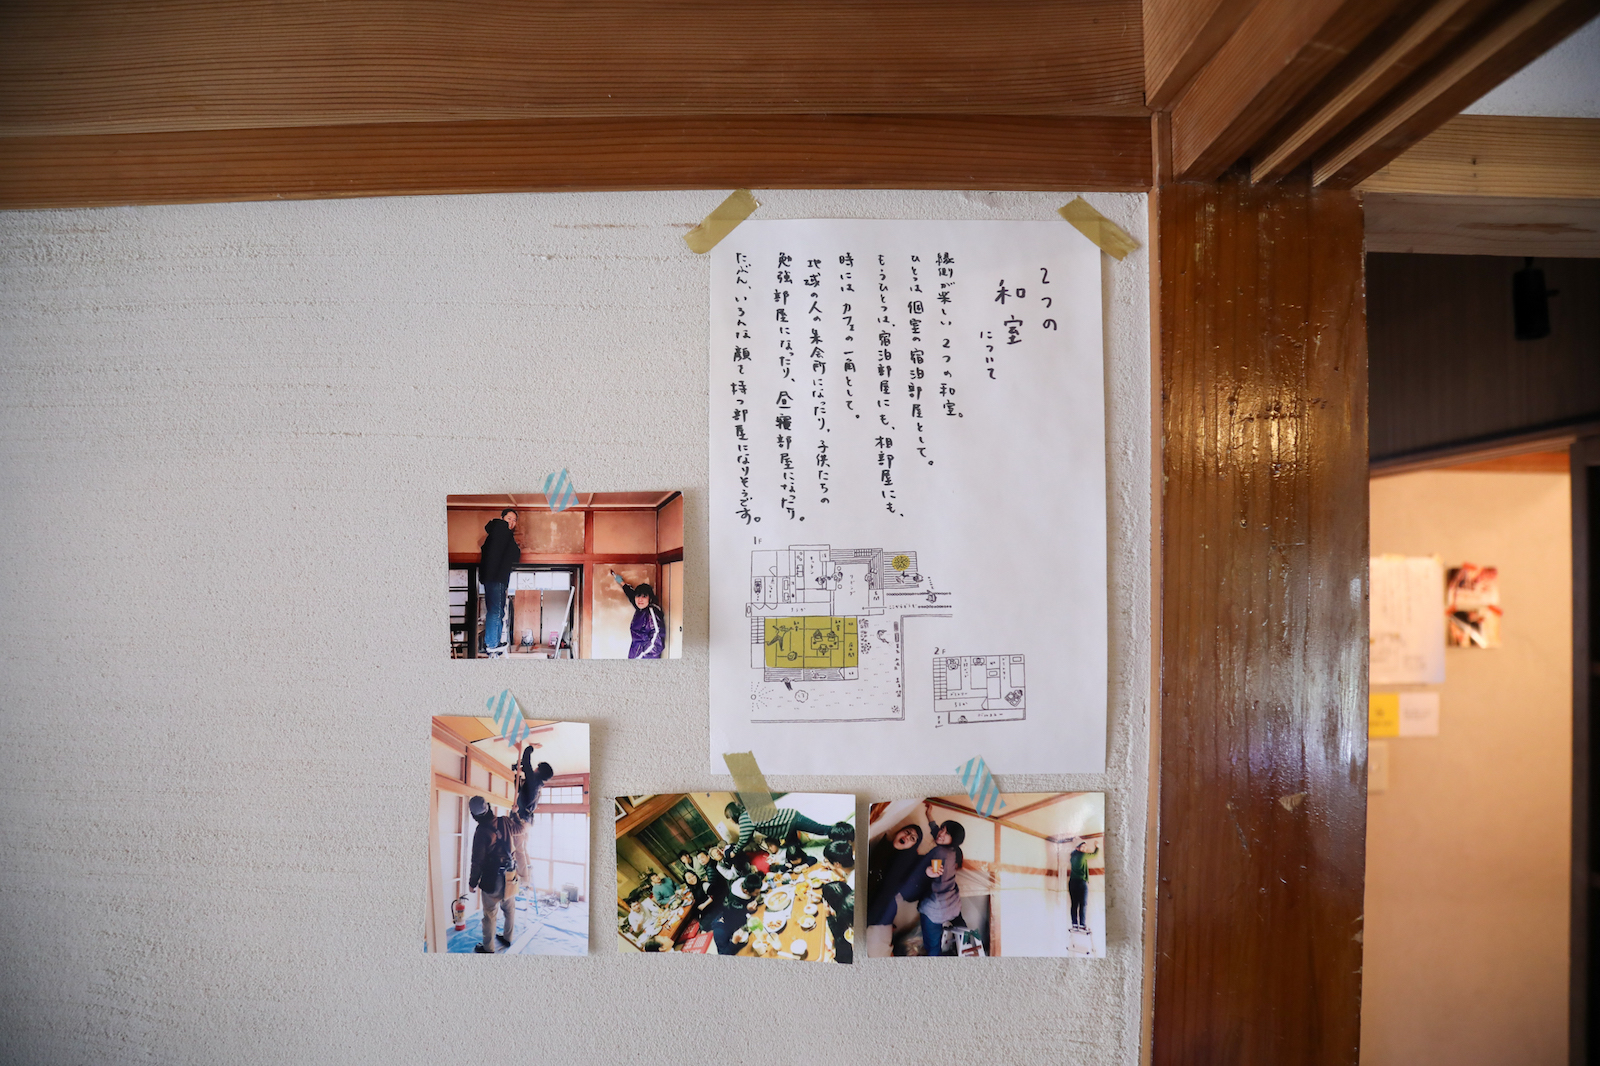 和室に込めた思いや工事の様子が感じられる写真が、和室の壁に貼ってあります。